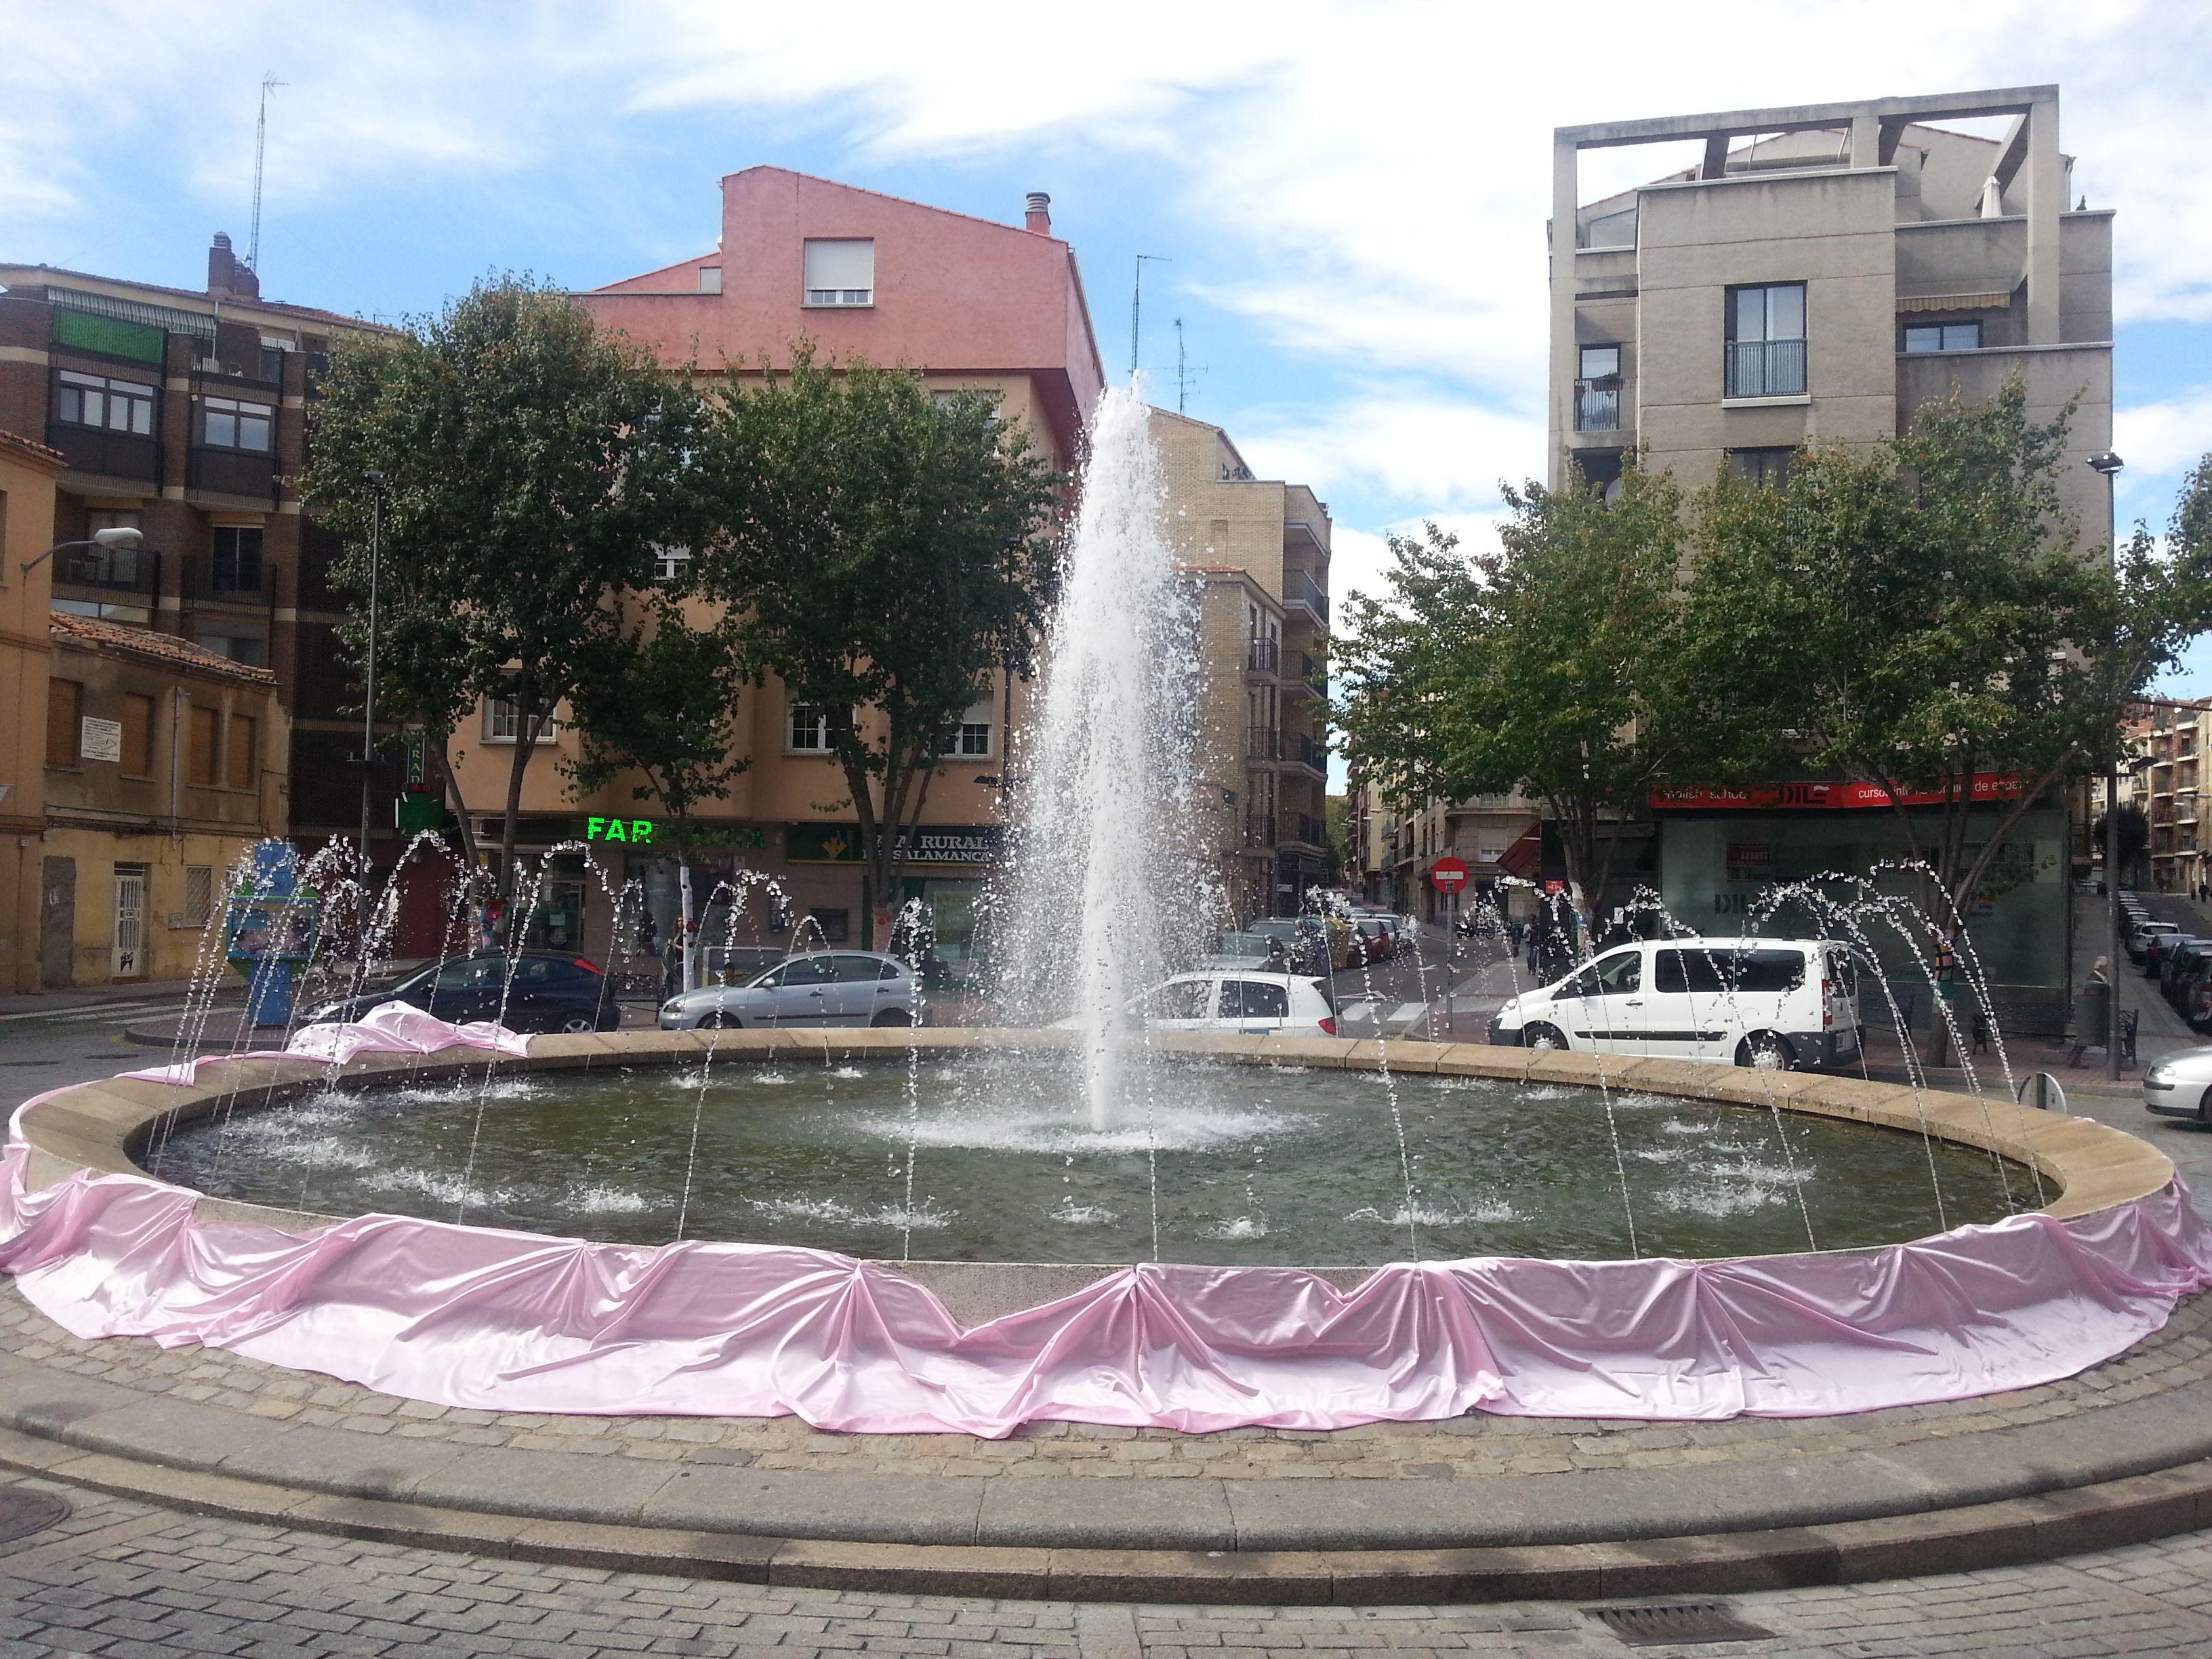 Fuente de la Plaza del Oeste, decorada con tela rosa